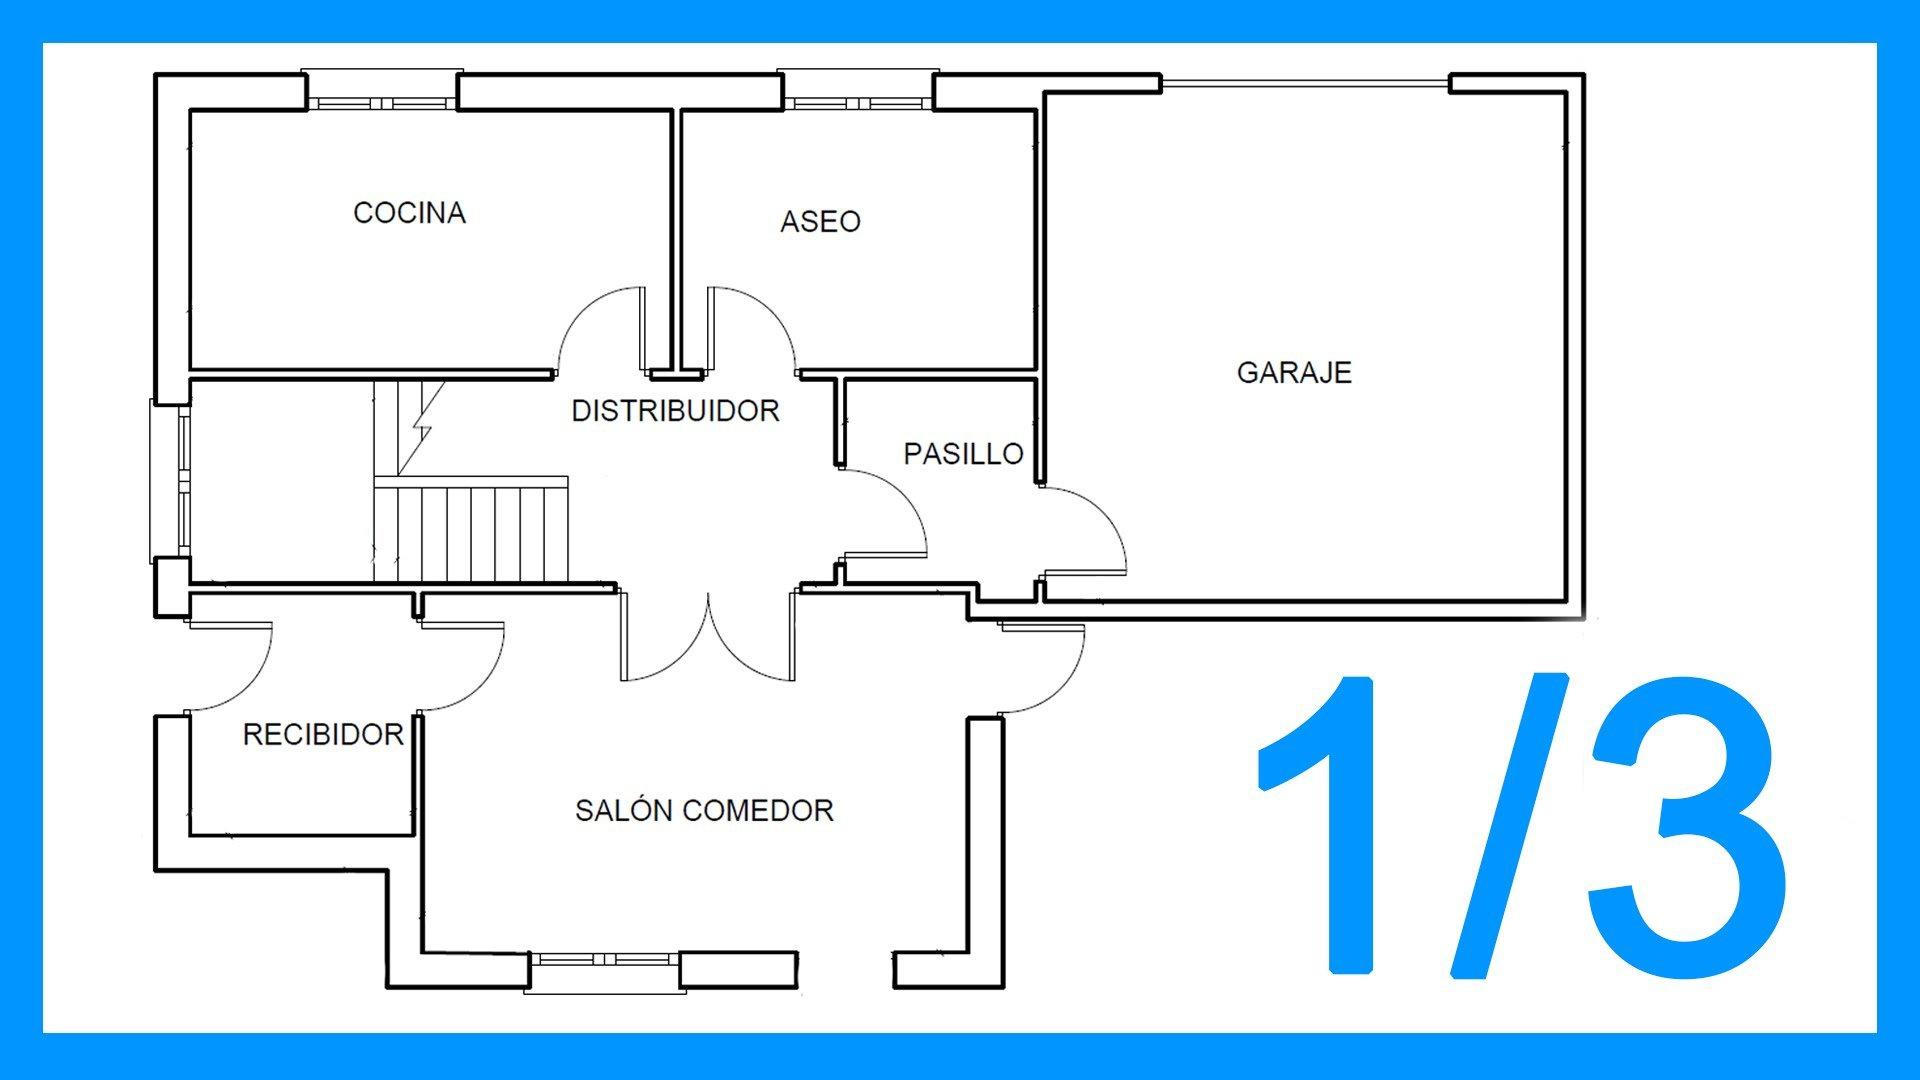 Autocad – 1/3 Dibujar el plano de una casa paso a paso en Autocad.